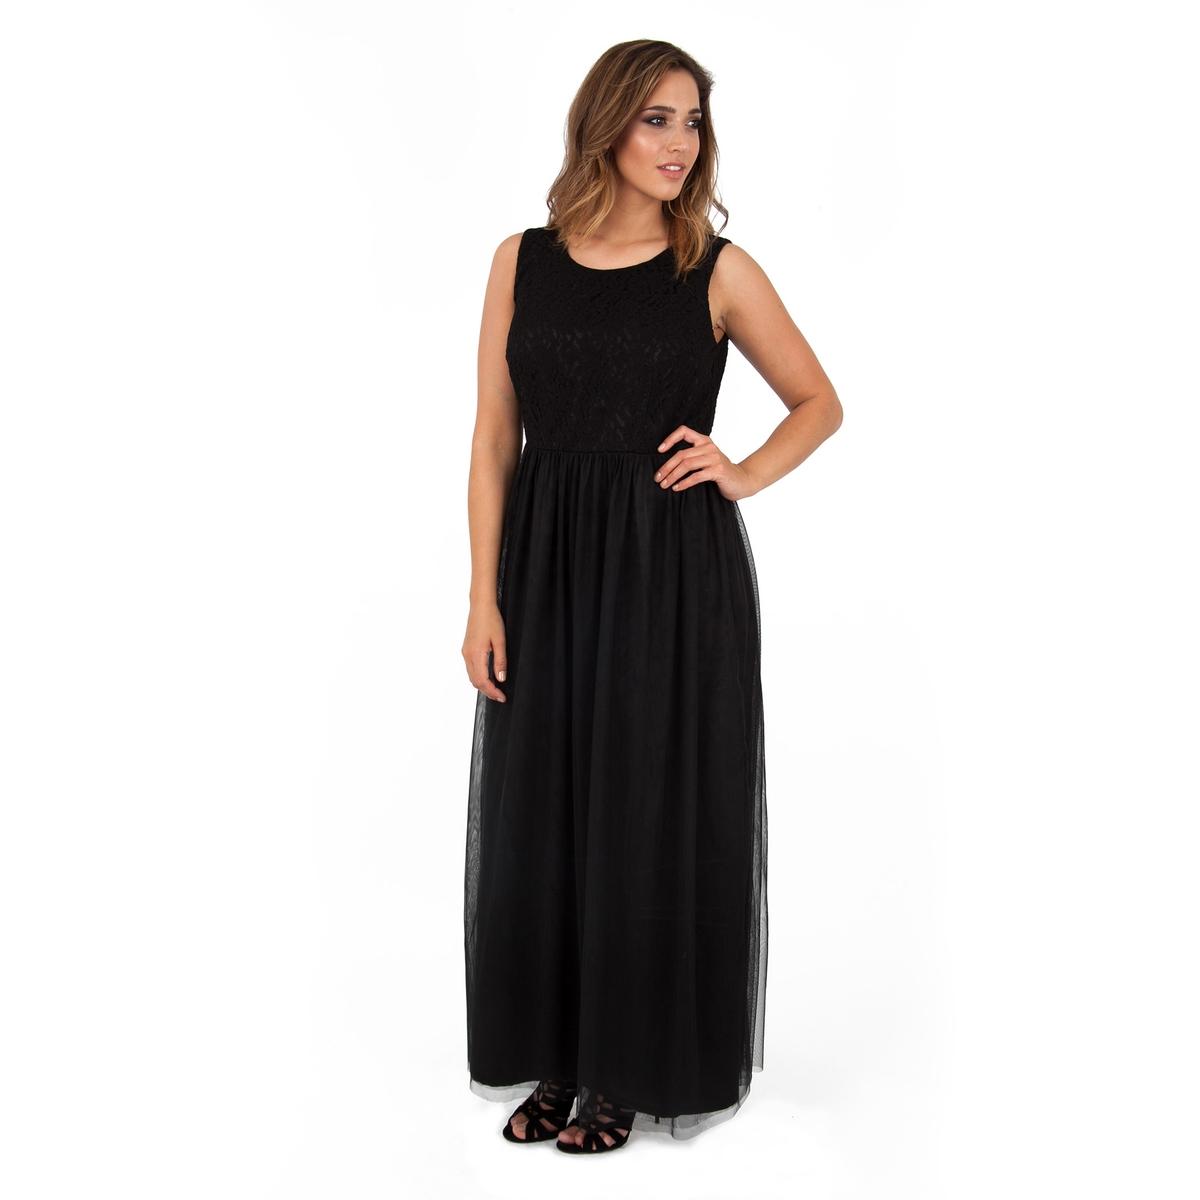 Платье длинноеПлатье длинное без рукавов - KOKO BY KOKO. Элегантное платье макси с отделкой кружевом сверху. Застежка на молнию сзади. 100% полиэстера.<br><br>Цвет: черный<br>Размер: 50/52 (FR) - 56/58 (RUS).48 (FR) - 54 (RUS)